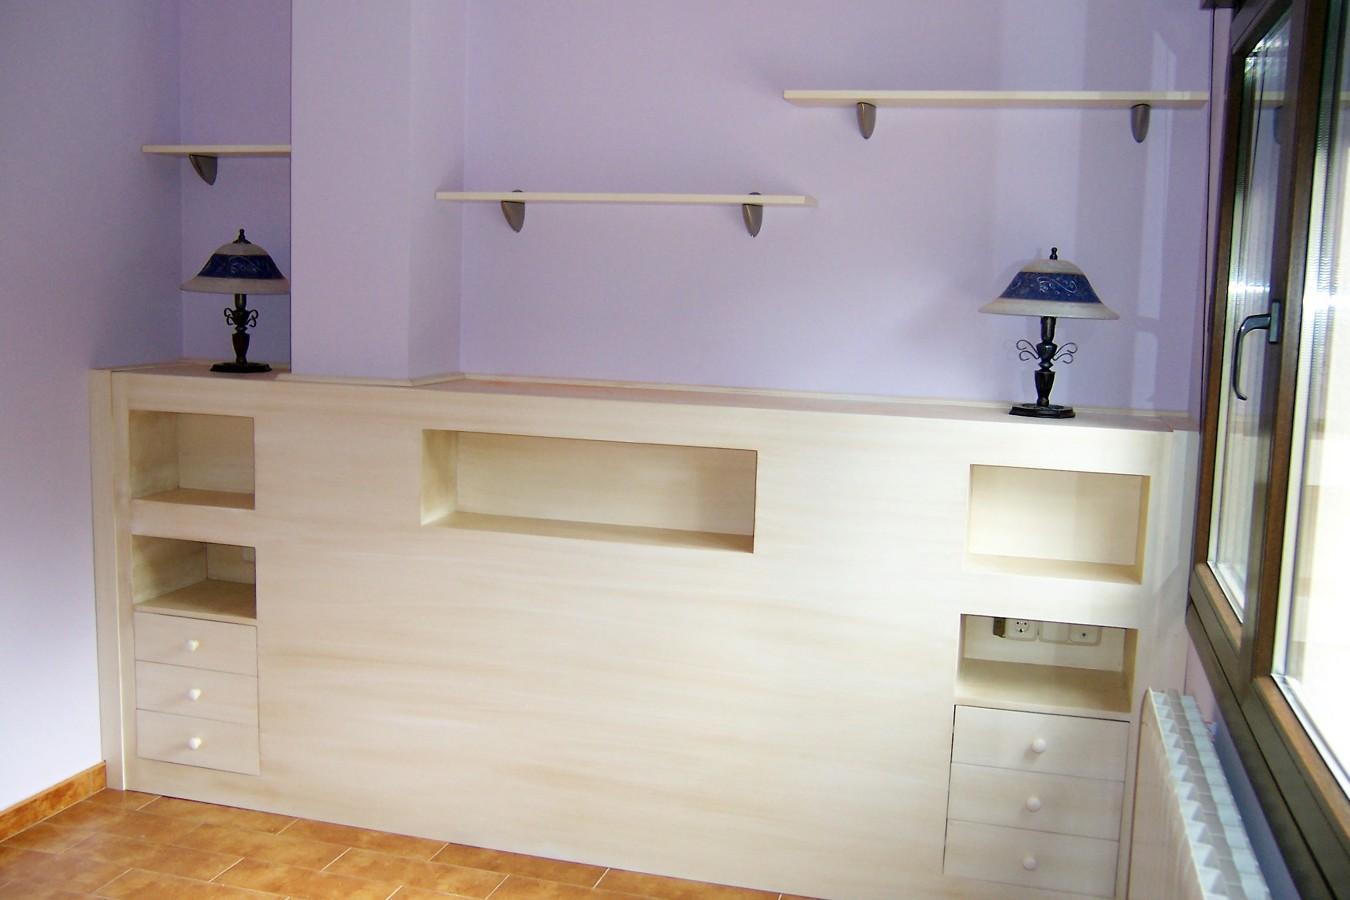 Oferta especial cabeceros ofertas carpinteros - Cabecero mesillas integradas ...